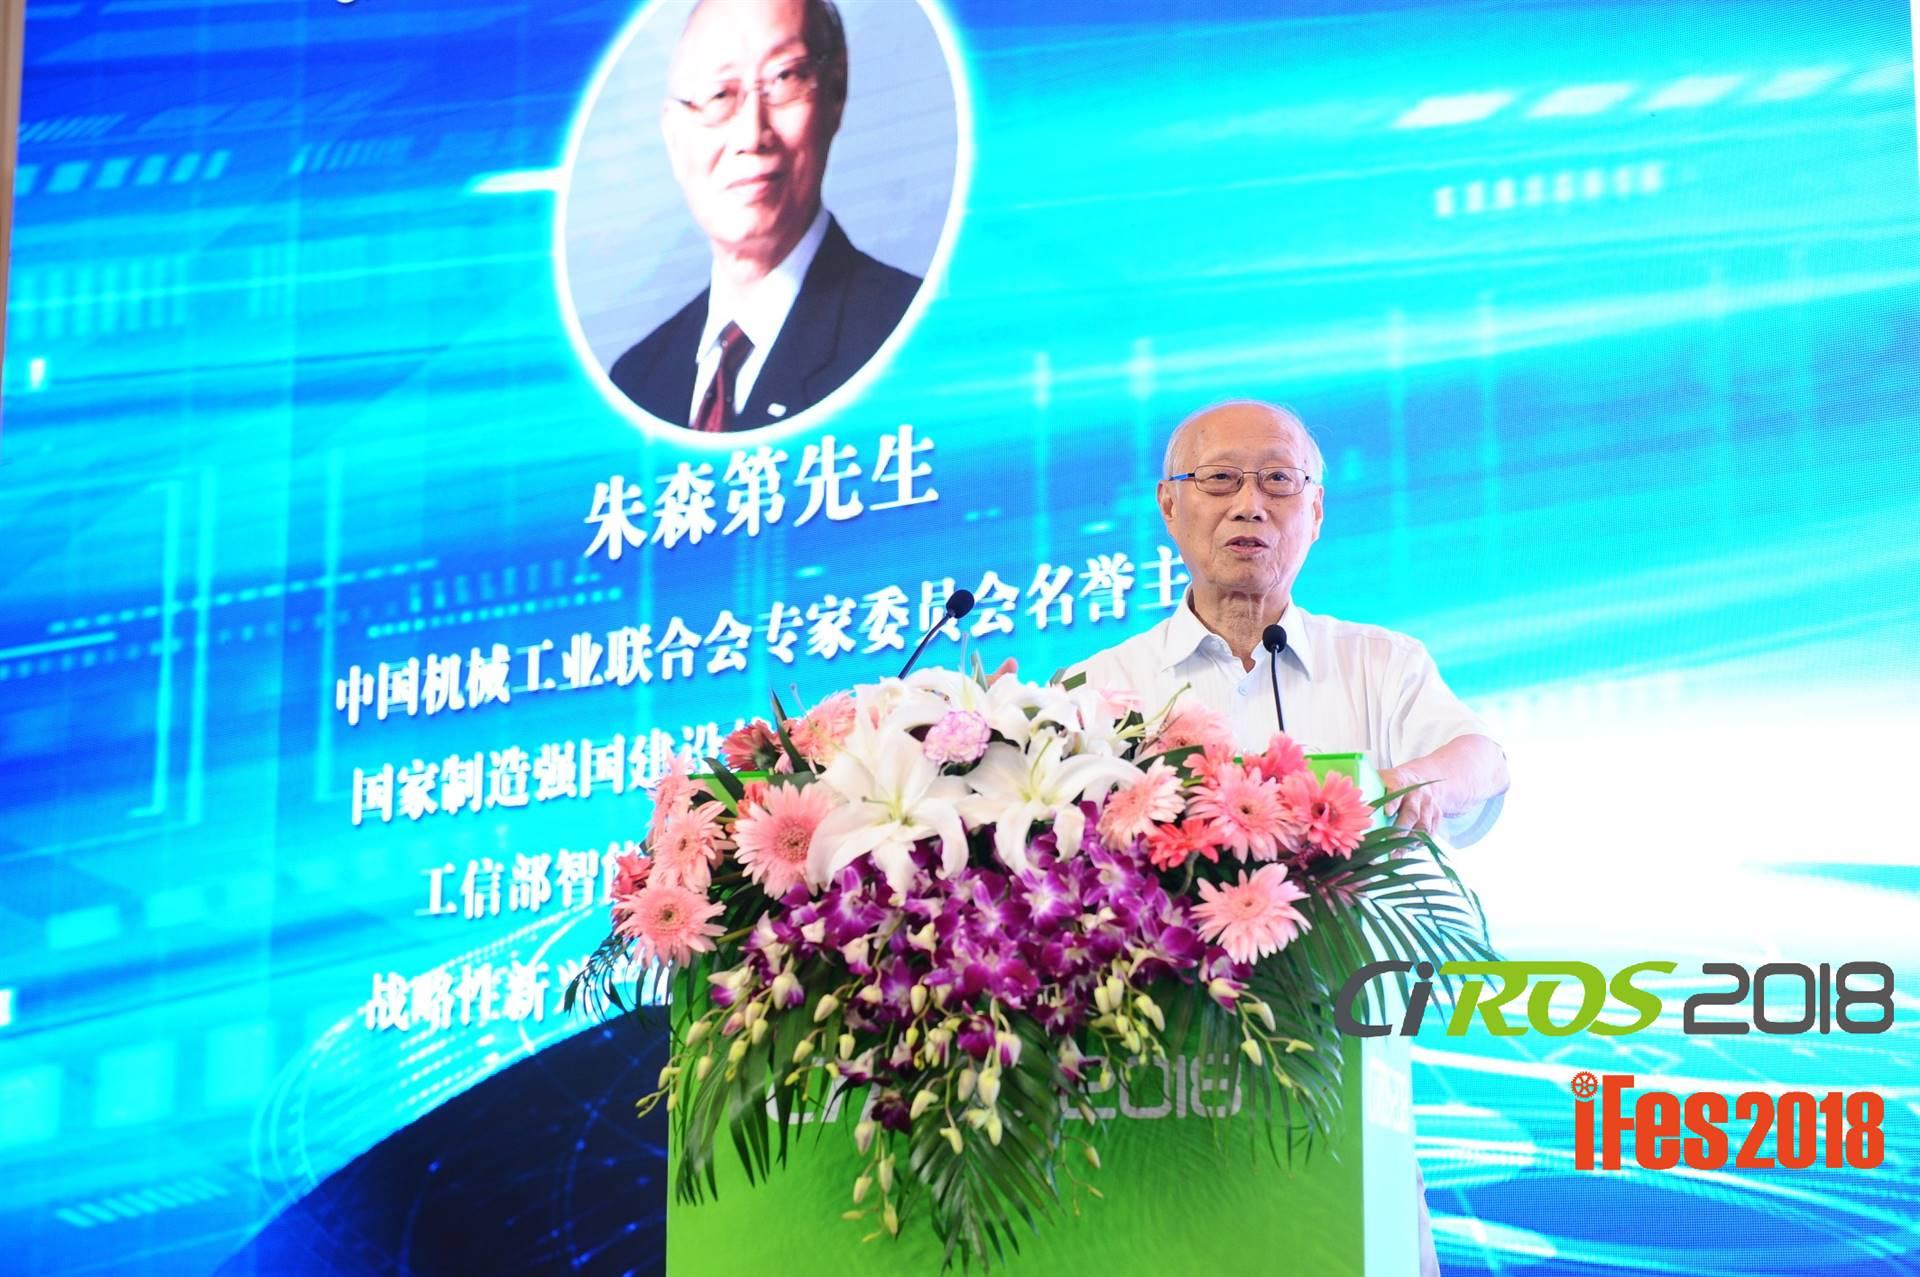 2019年China上海机器人展会-服务机器人